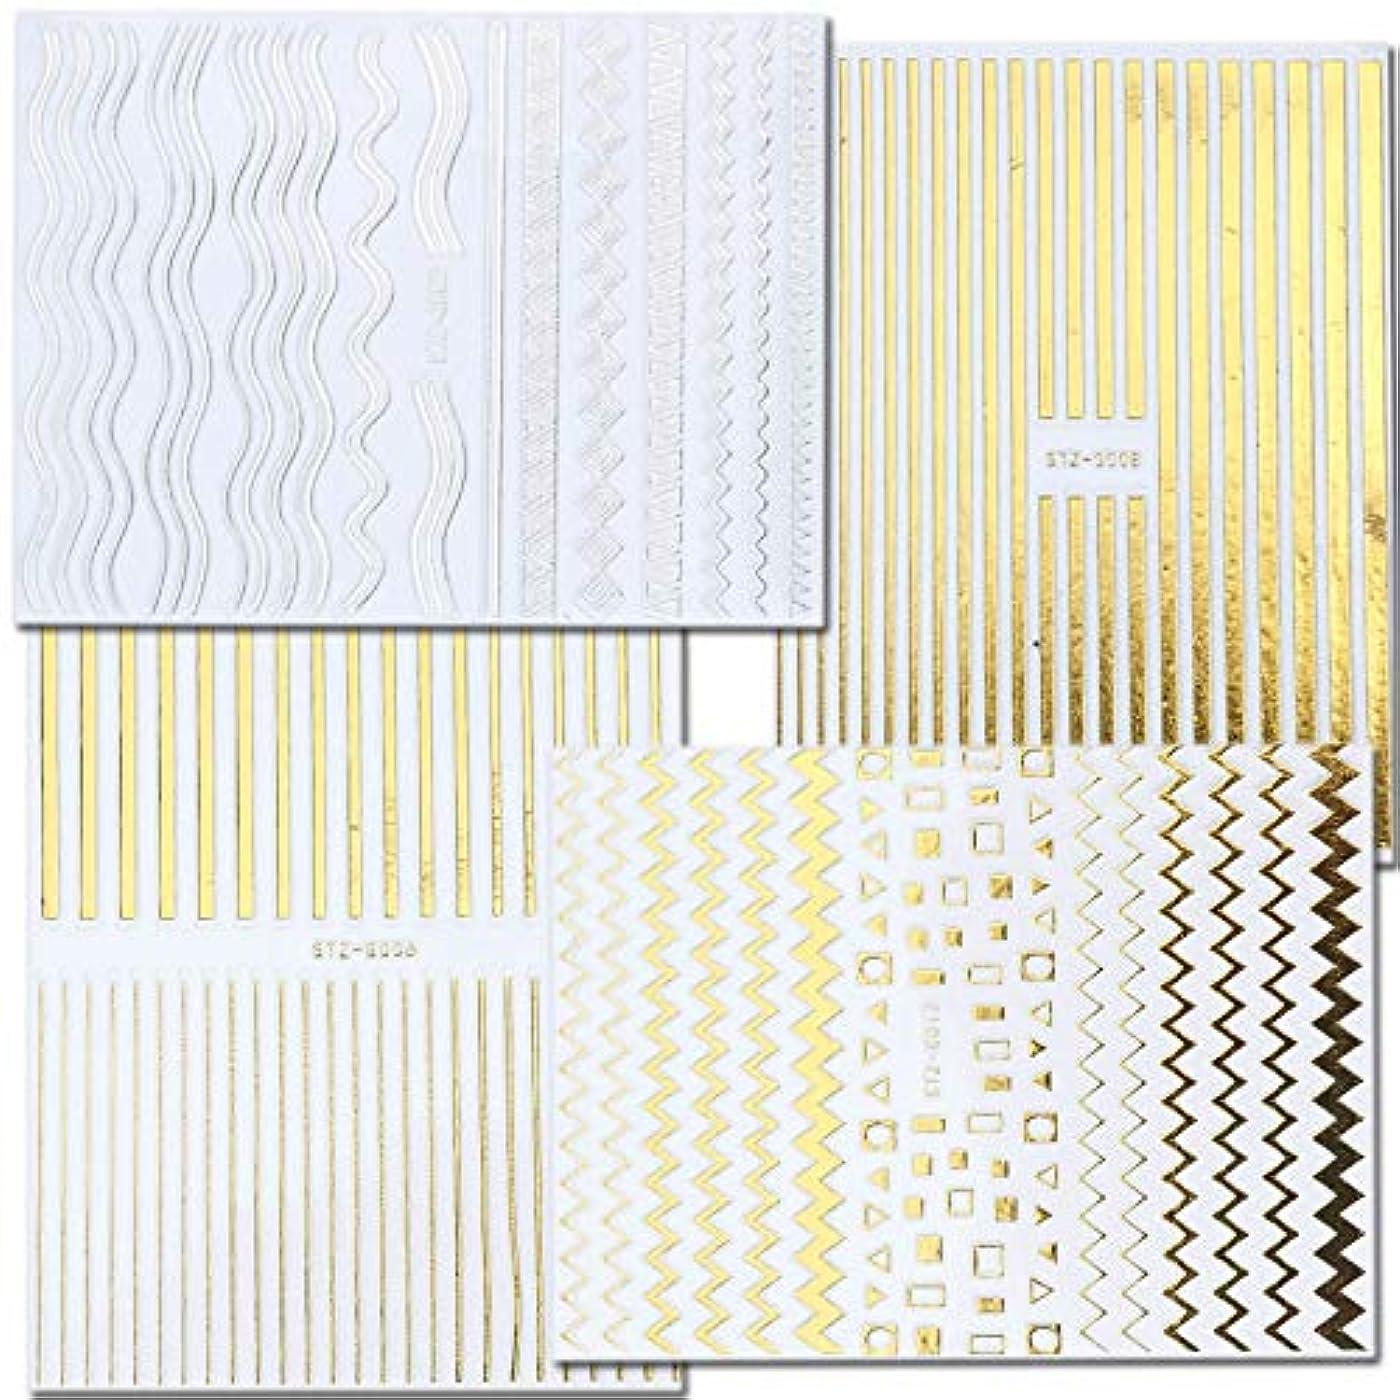 閉塞死すべき世論調査SUKTI&XIAO ネイルステッカー 26ピース3Dネイルステッカーゴールドシルバーグリッターフラワースライダーデカールストライプウェーブストライピングテープ接着剤装飾マニキュア